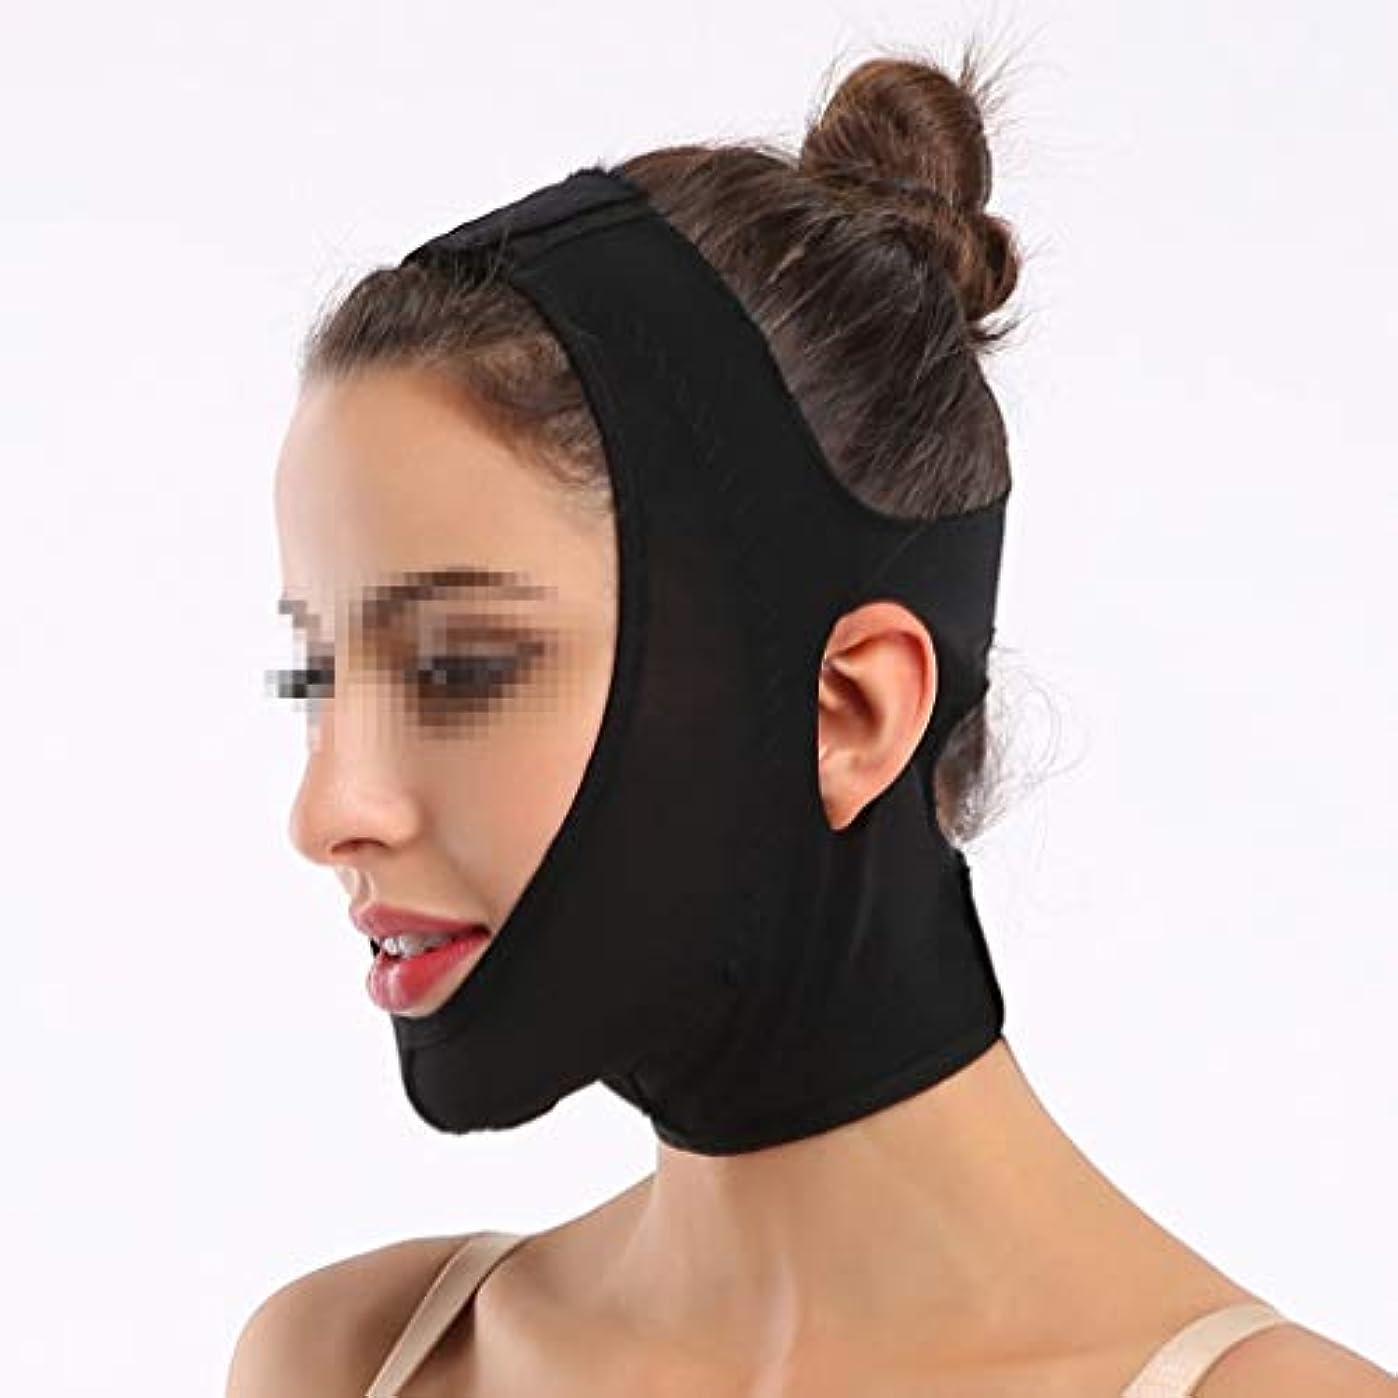 掃く和解する女王XHLMRMJ Vフェイスマスク、包帯マスクを持ち上げて引き締めるスキニービューティーサロン1日2時間Vフェイスマッサージ術後回復